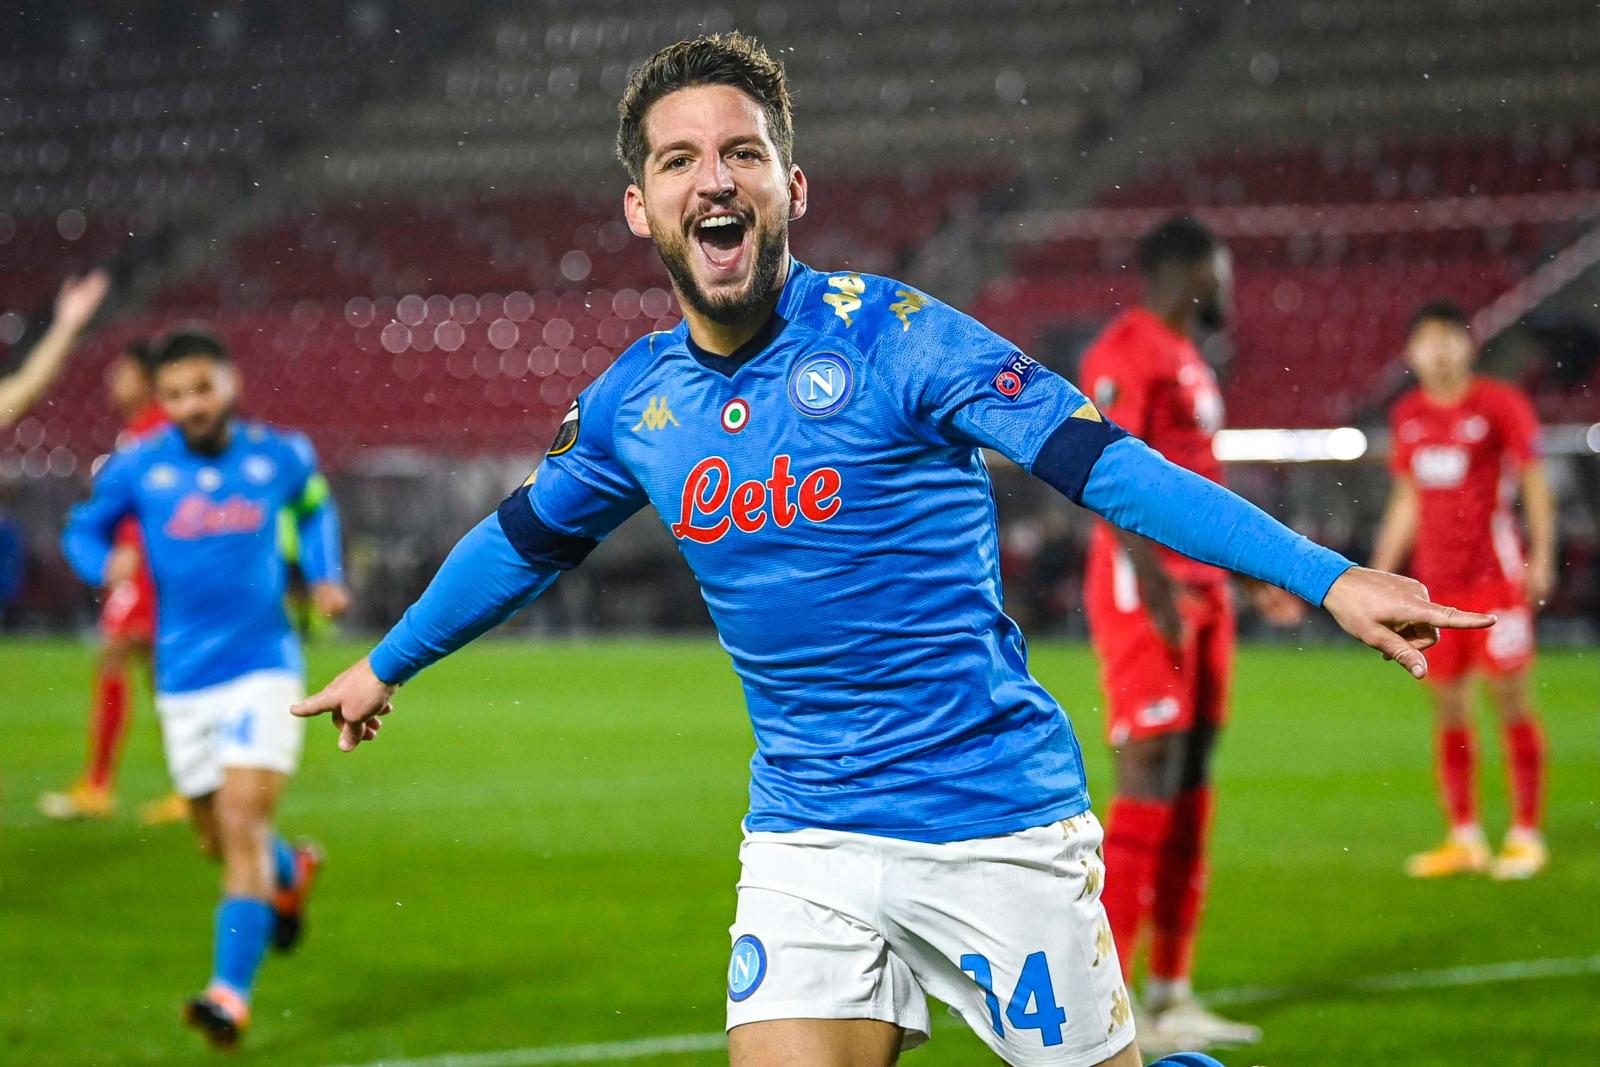 Europa League, al Napoli non basta il gol di Mertens contro l'Az Alkmaar